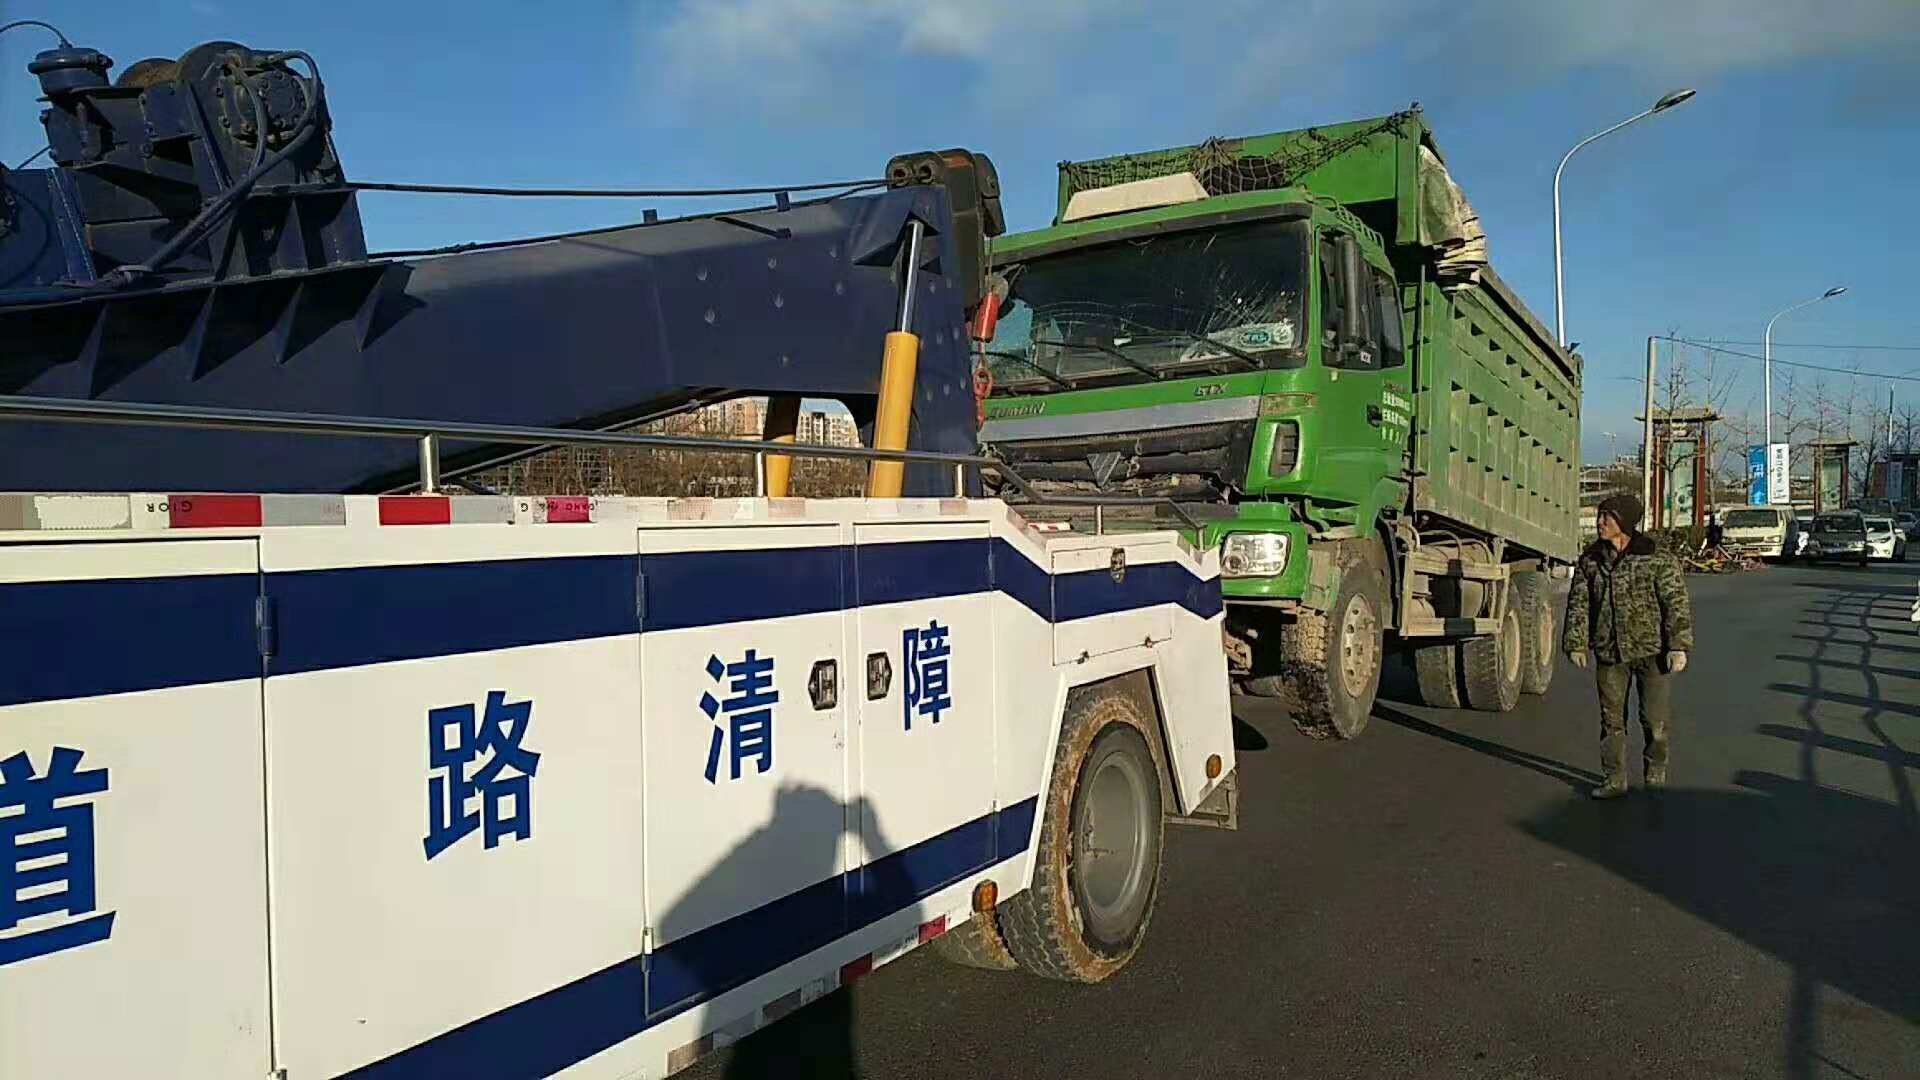 道路救援该找谁?海南州拖车救援的服务对象又是哪些?